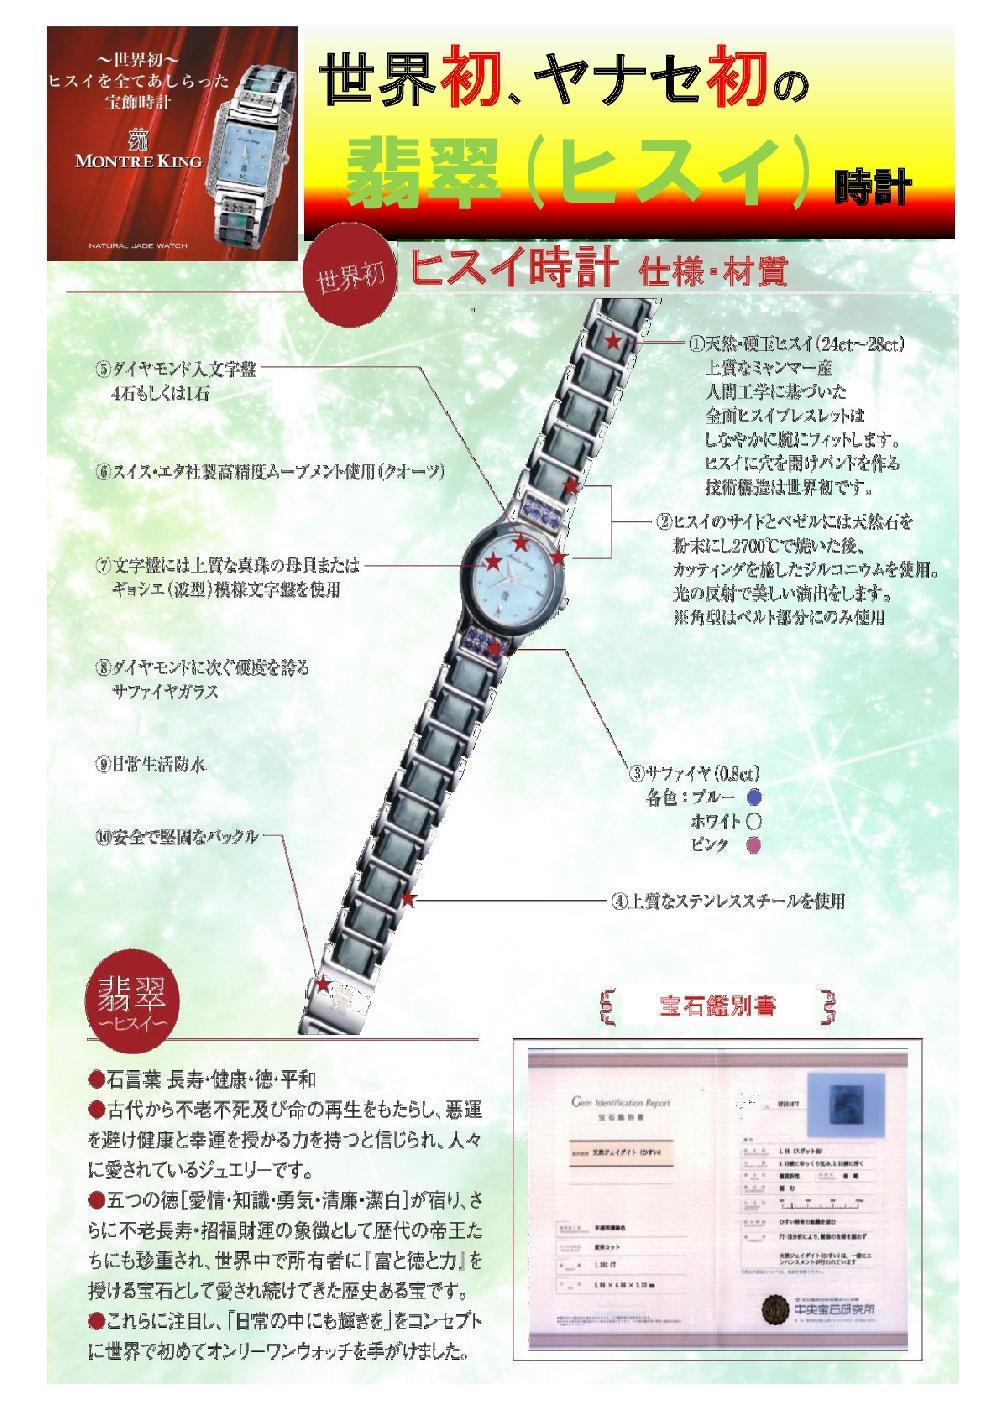 世界初のヒスイ時計、ヤナセに初登場!